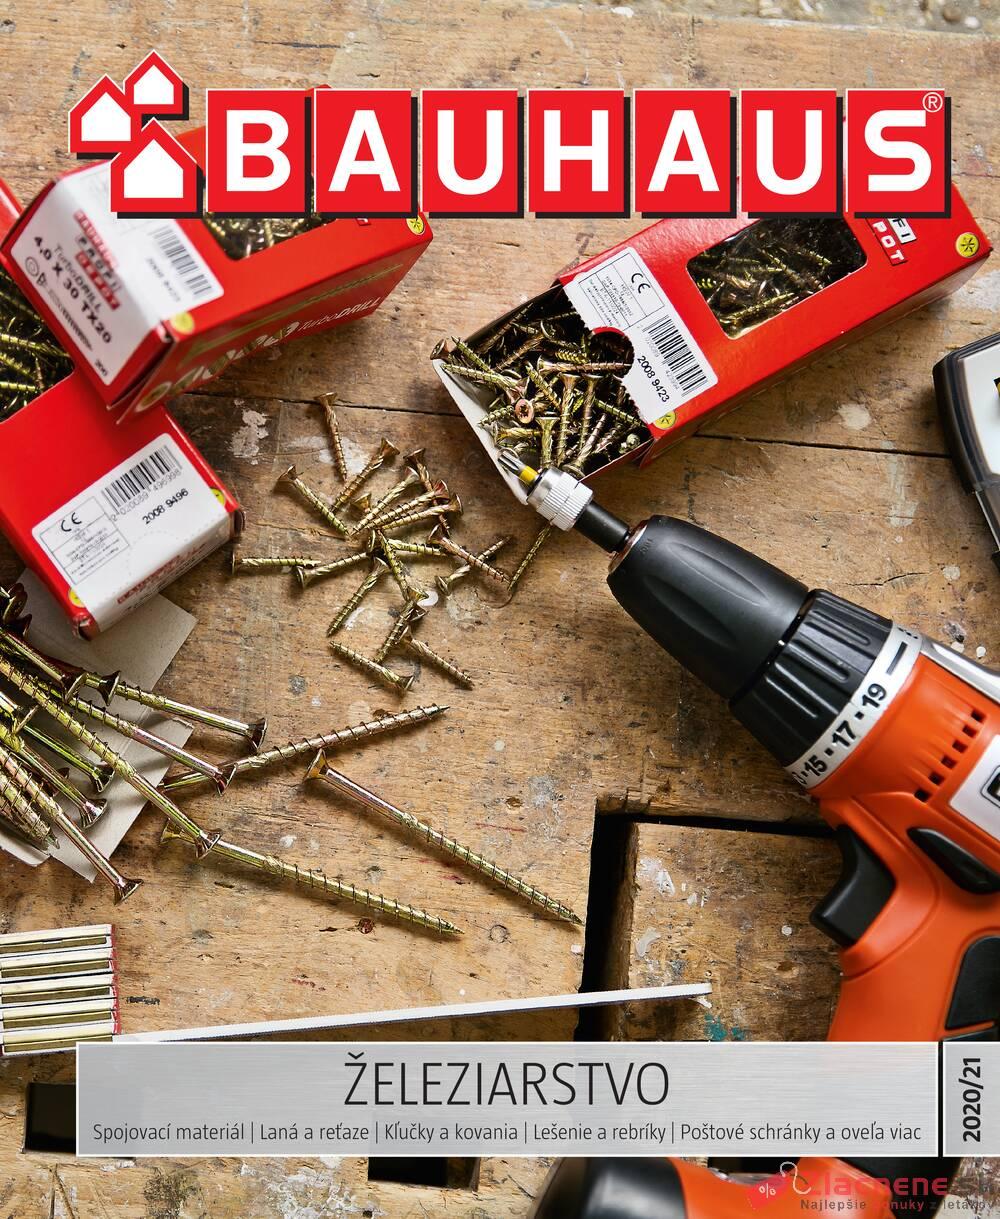 Leták Bauhaus - Bauhaus Železiarstvo od 10.11. do 30.6.2021 - strana 1